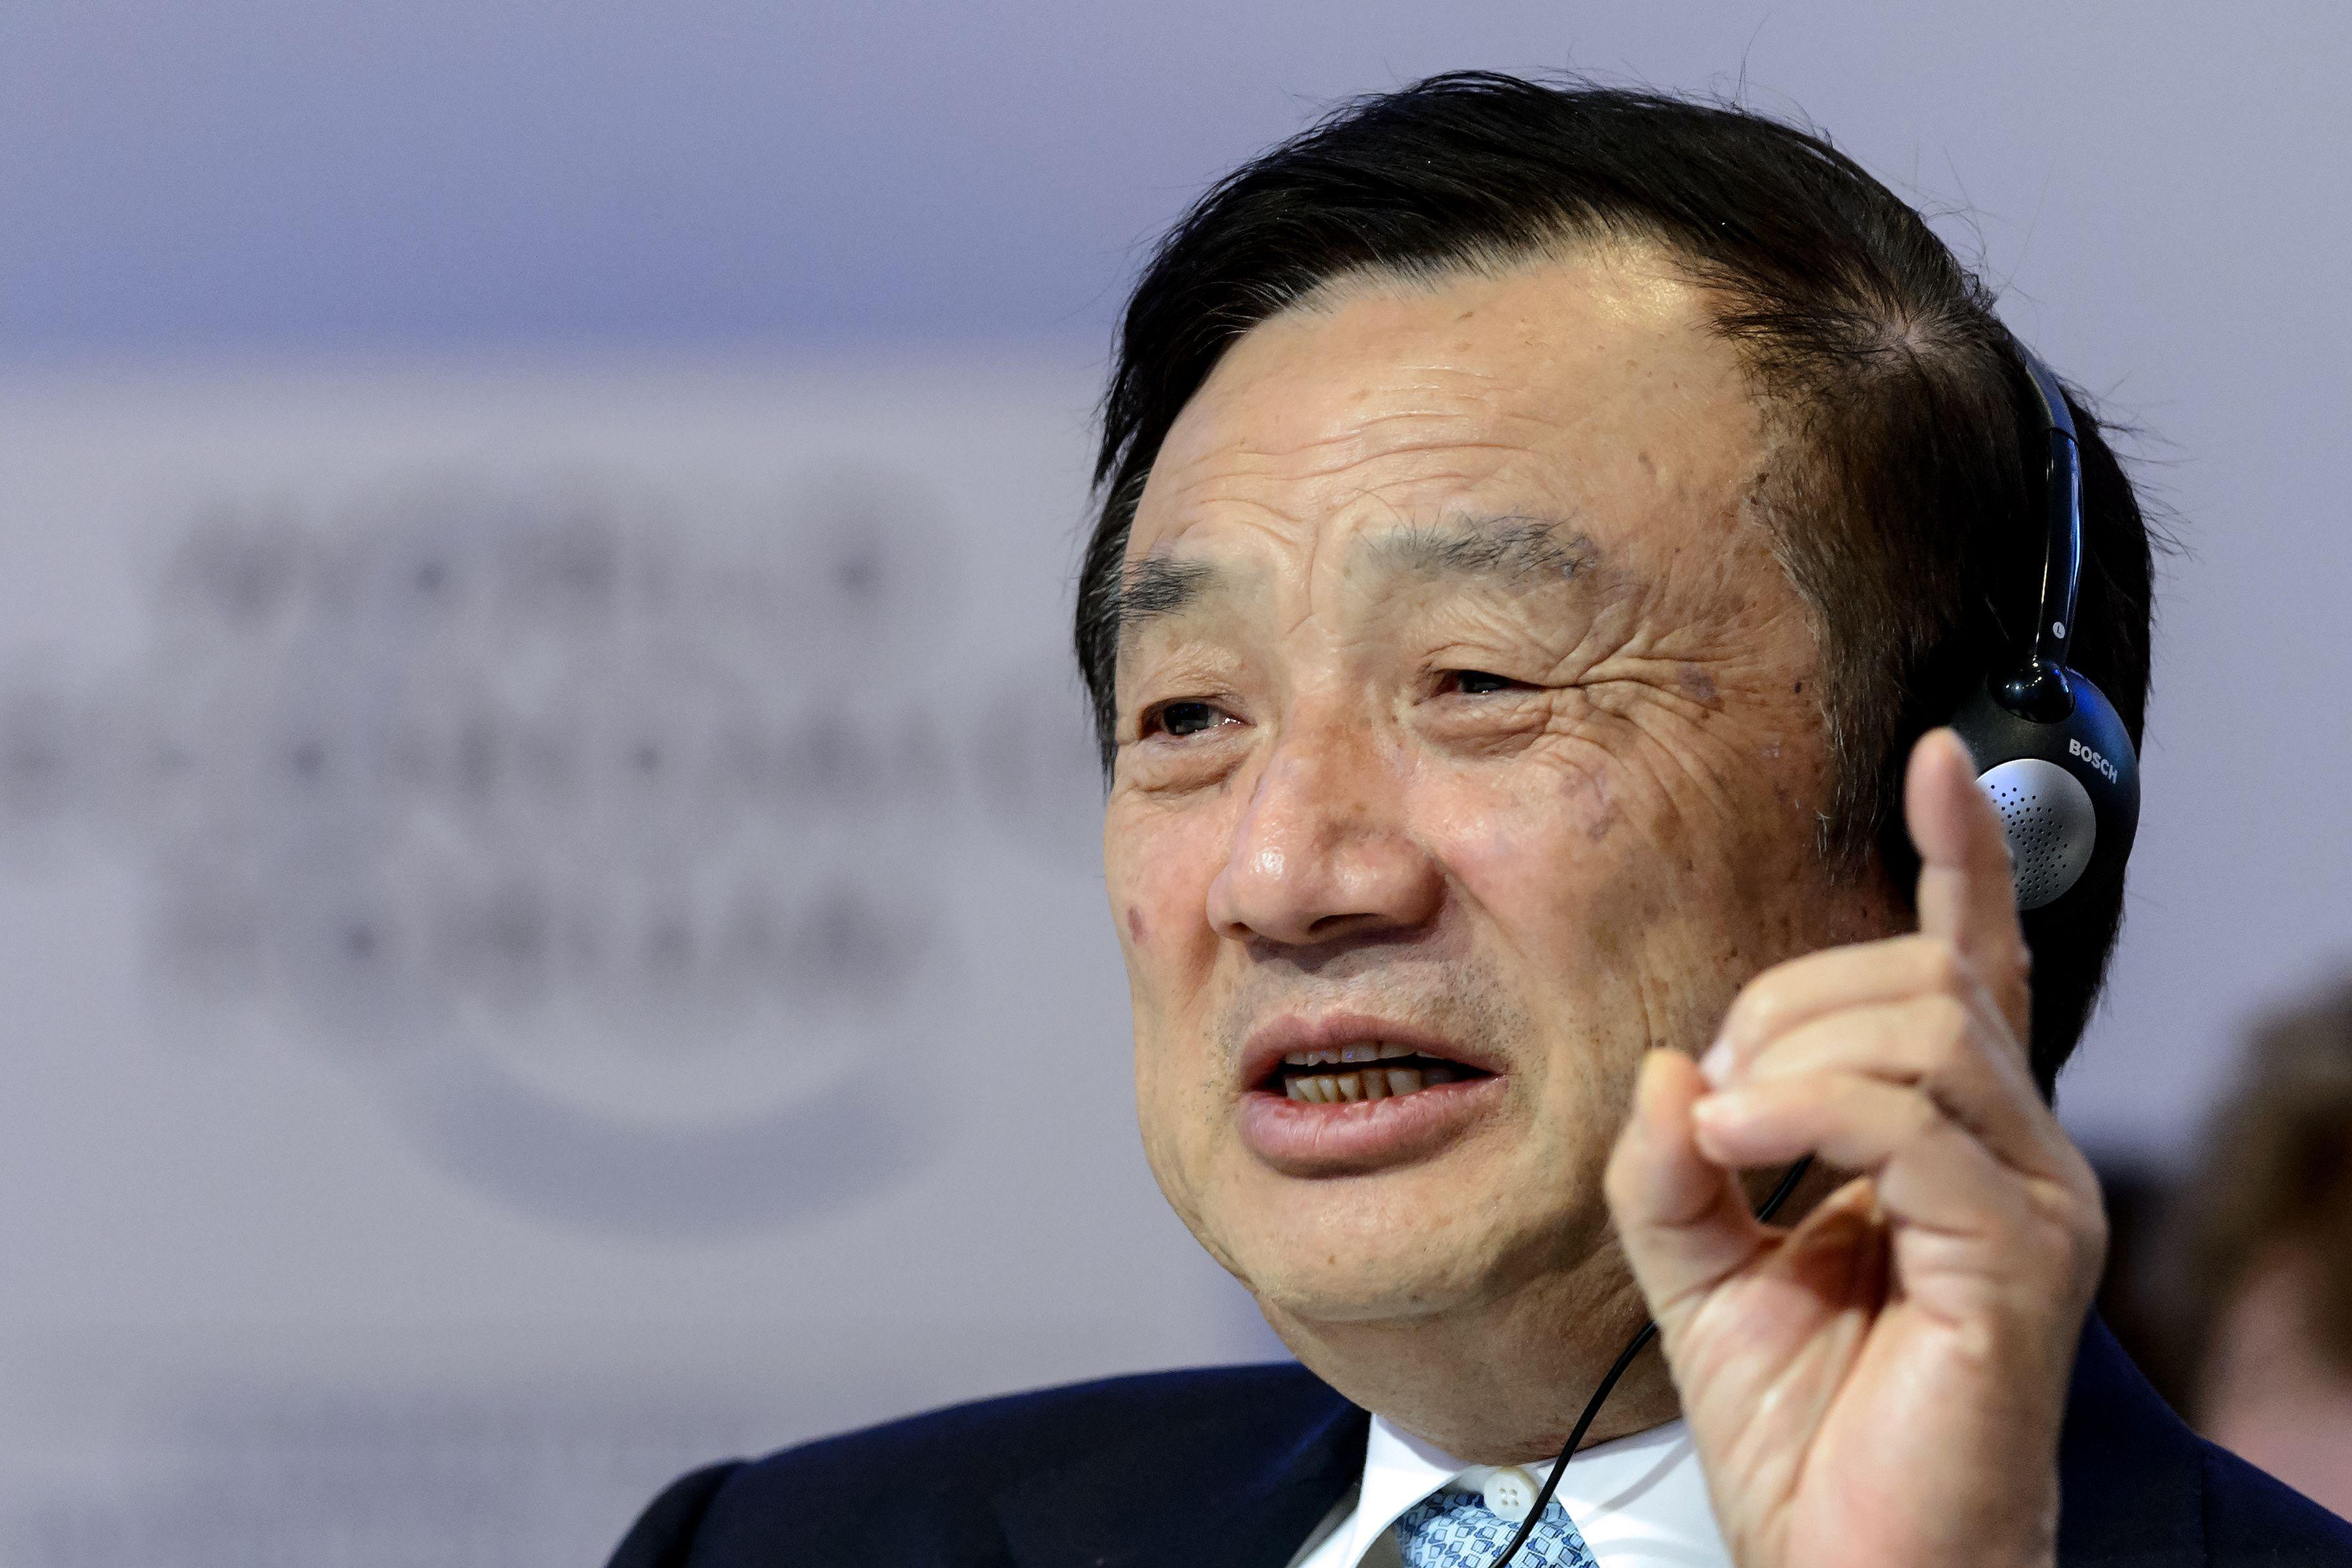 Ren Zhengfei, fundador de Huawei, habla durante una sesión del Foro Económico Mundial, el 22 de enero del año 2015 en Davos (Suiza).   AFP/Archivos / Fabrice Coffrini